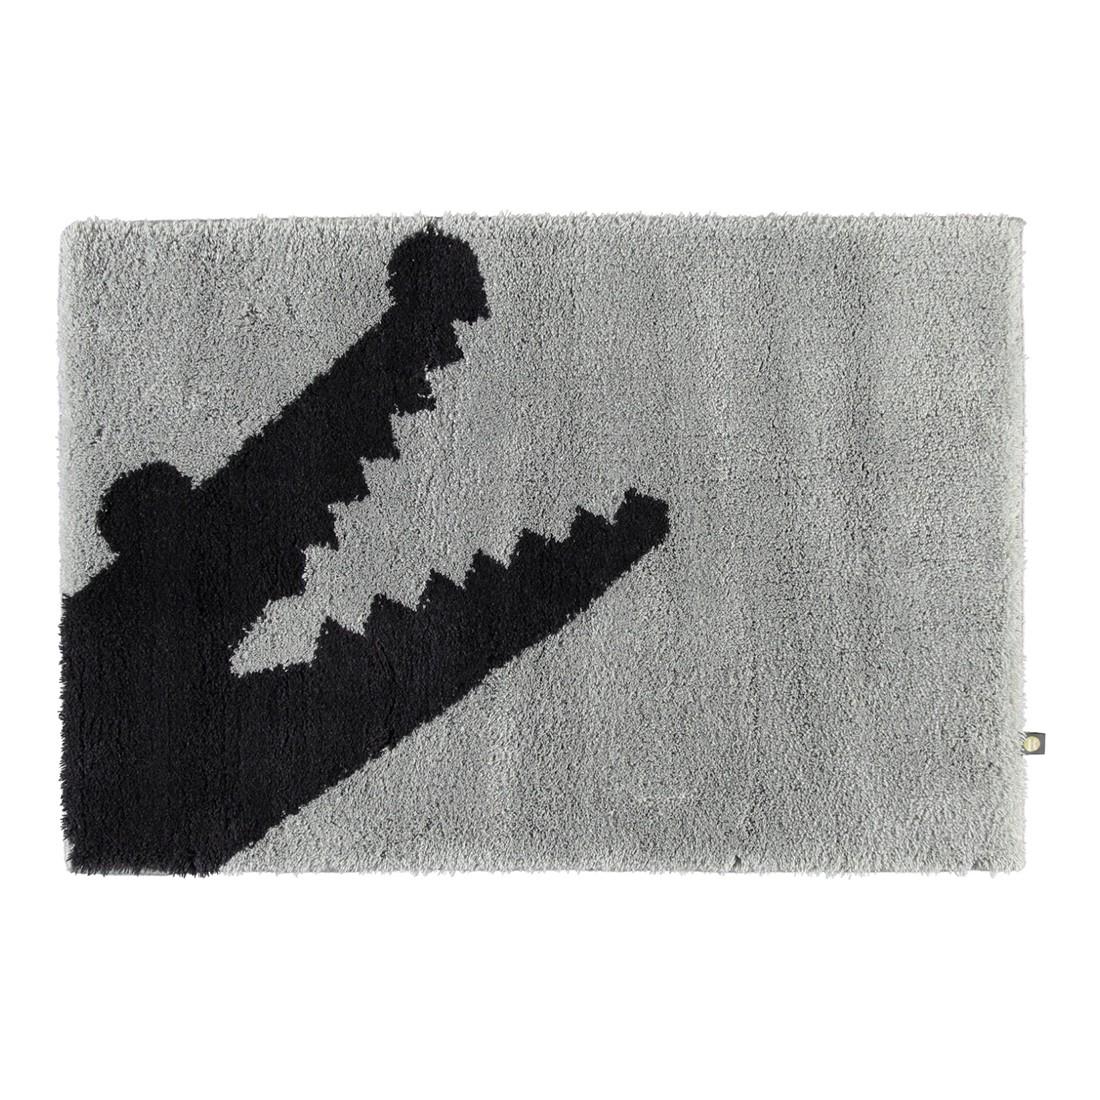 Badteppich Croc – 100% Polyacryl perlGrau/kaviar – 1212 – Abmessungen: 50 x 65 cm, Rhomtuft günstig online kaufen